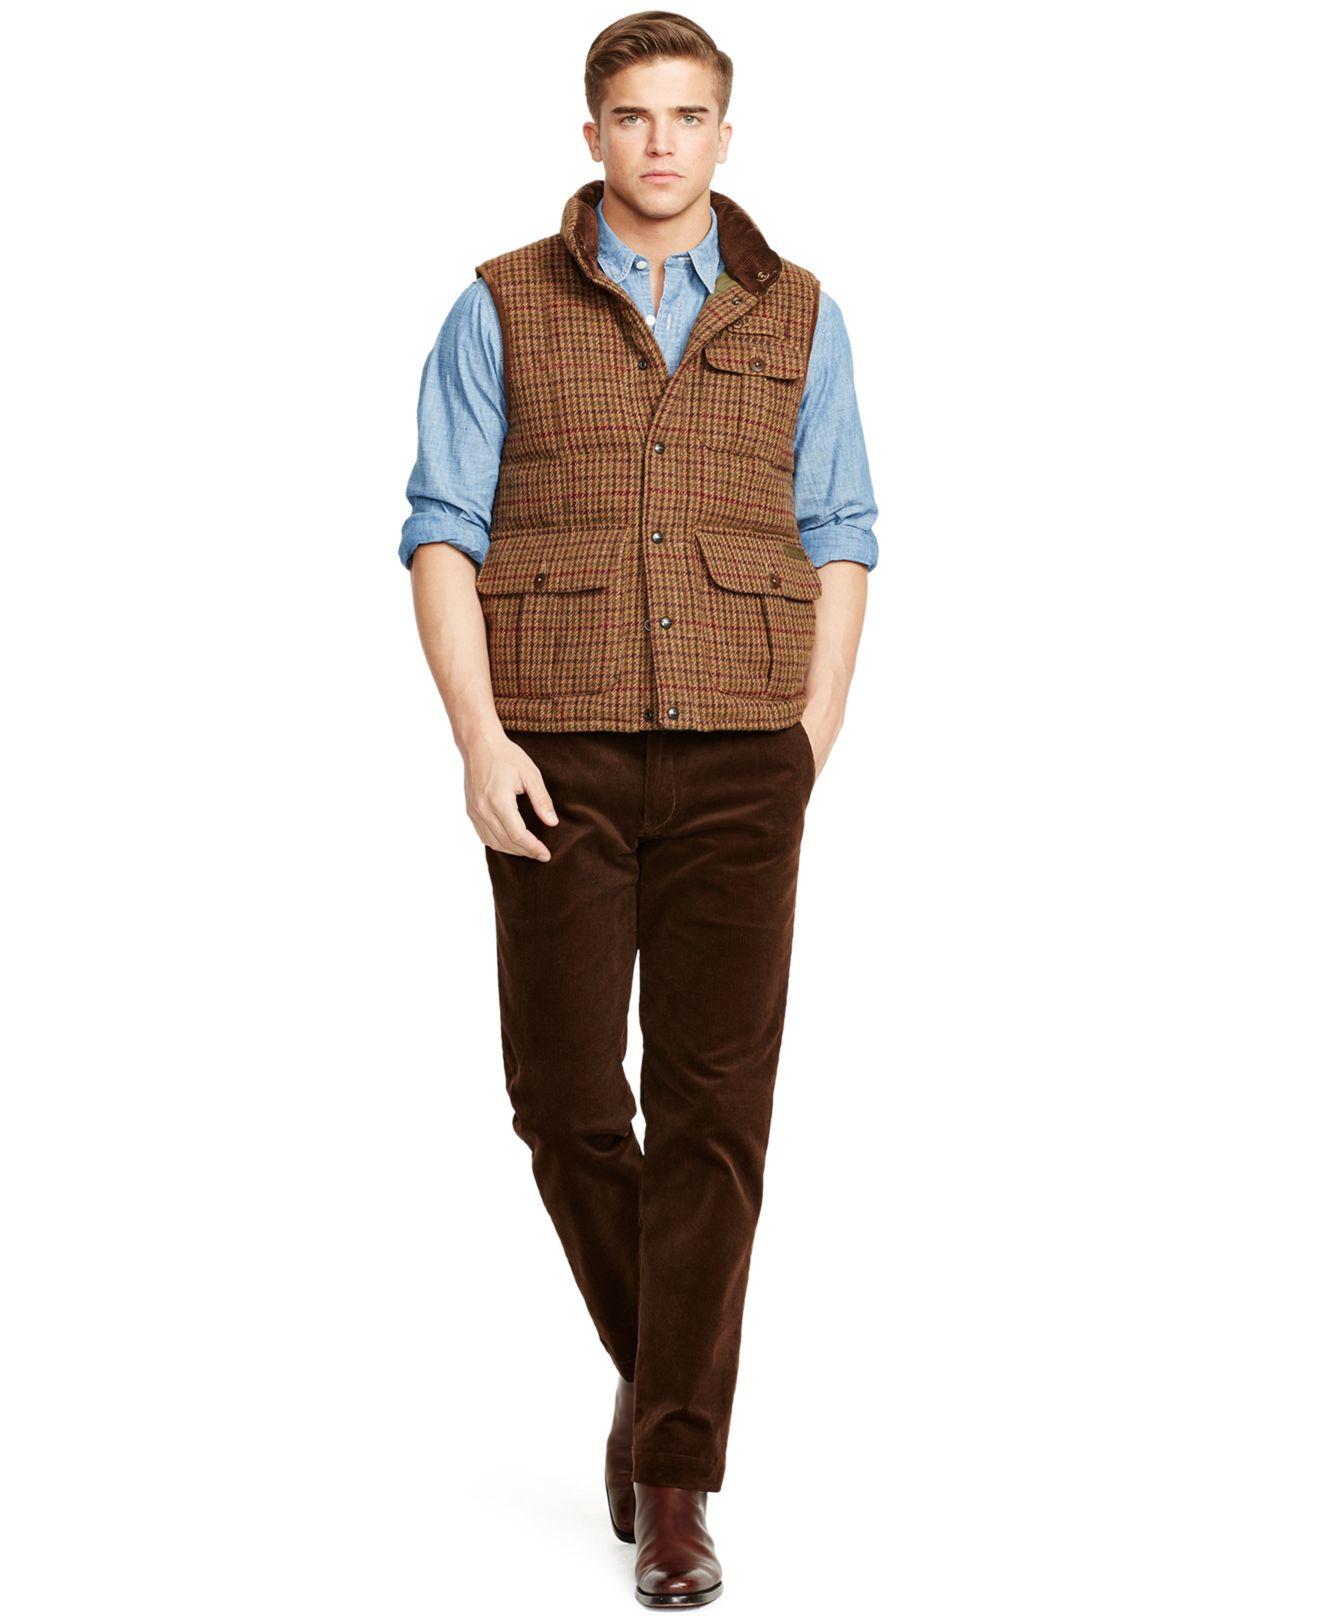 Lyst - Polo Ralph Lauren Mayfield Tweed Vest in Brown for Men